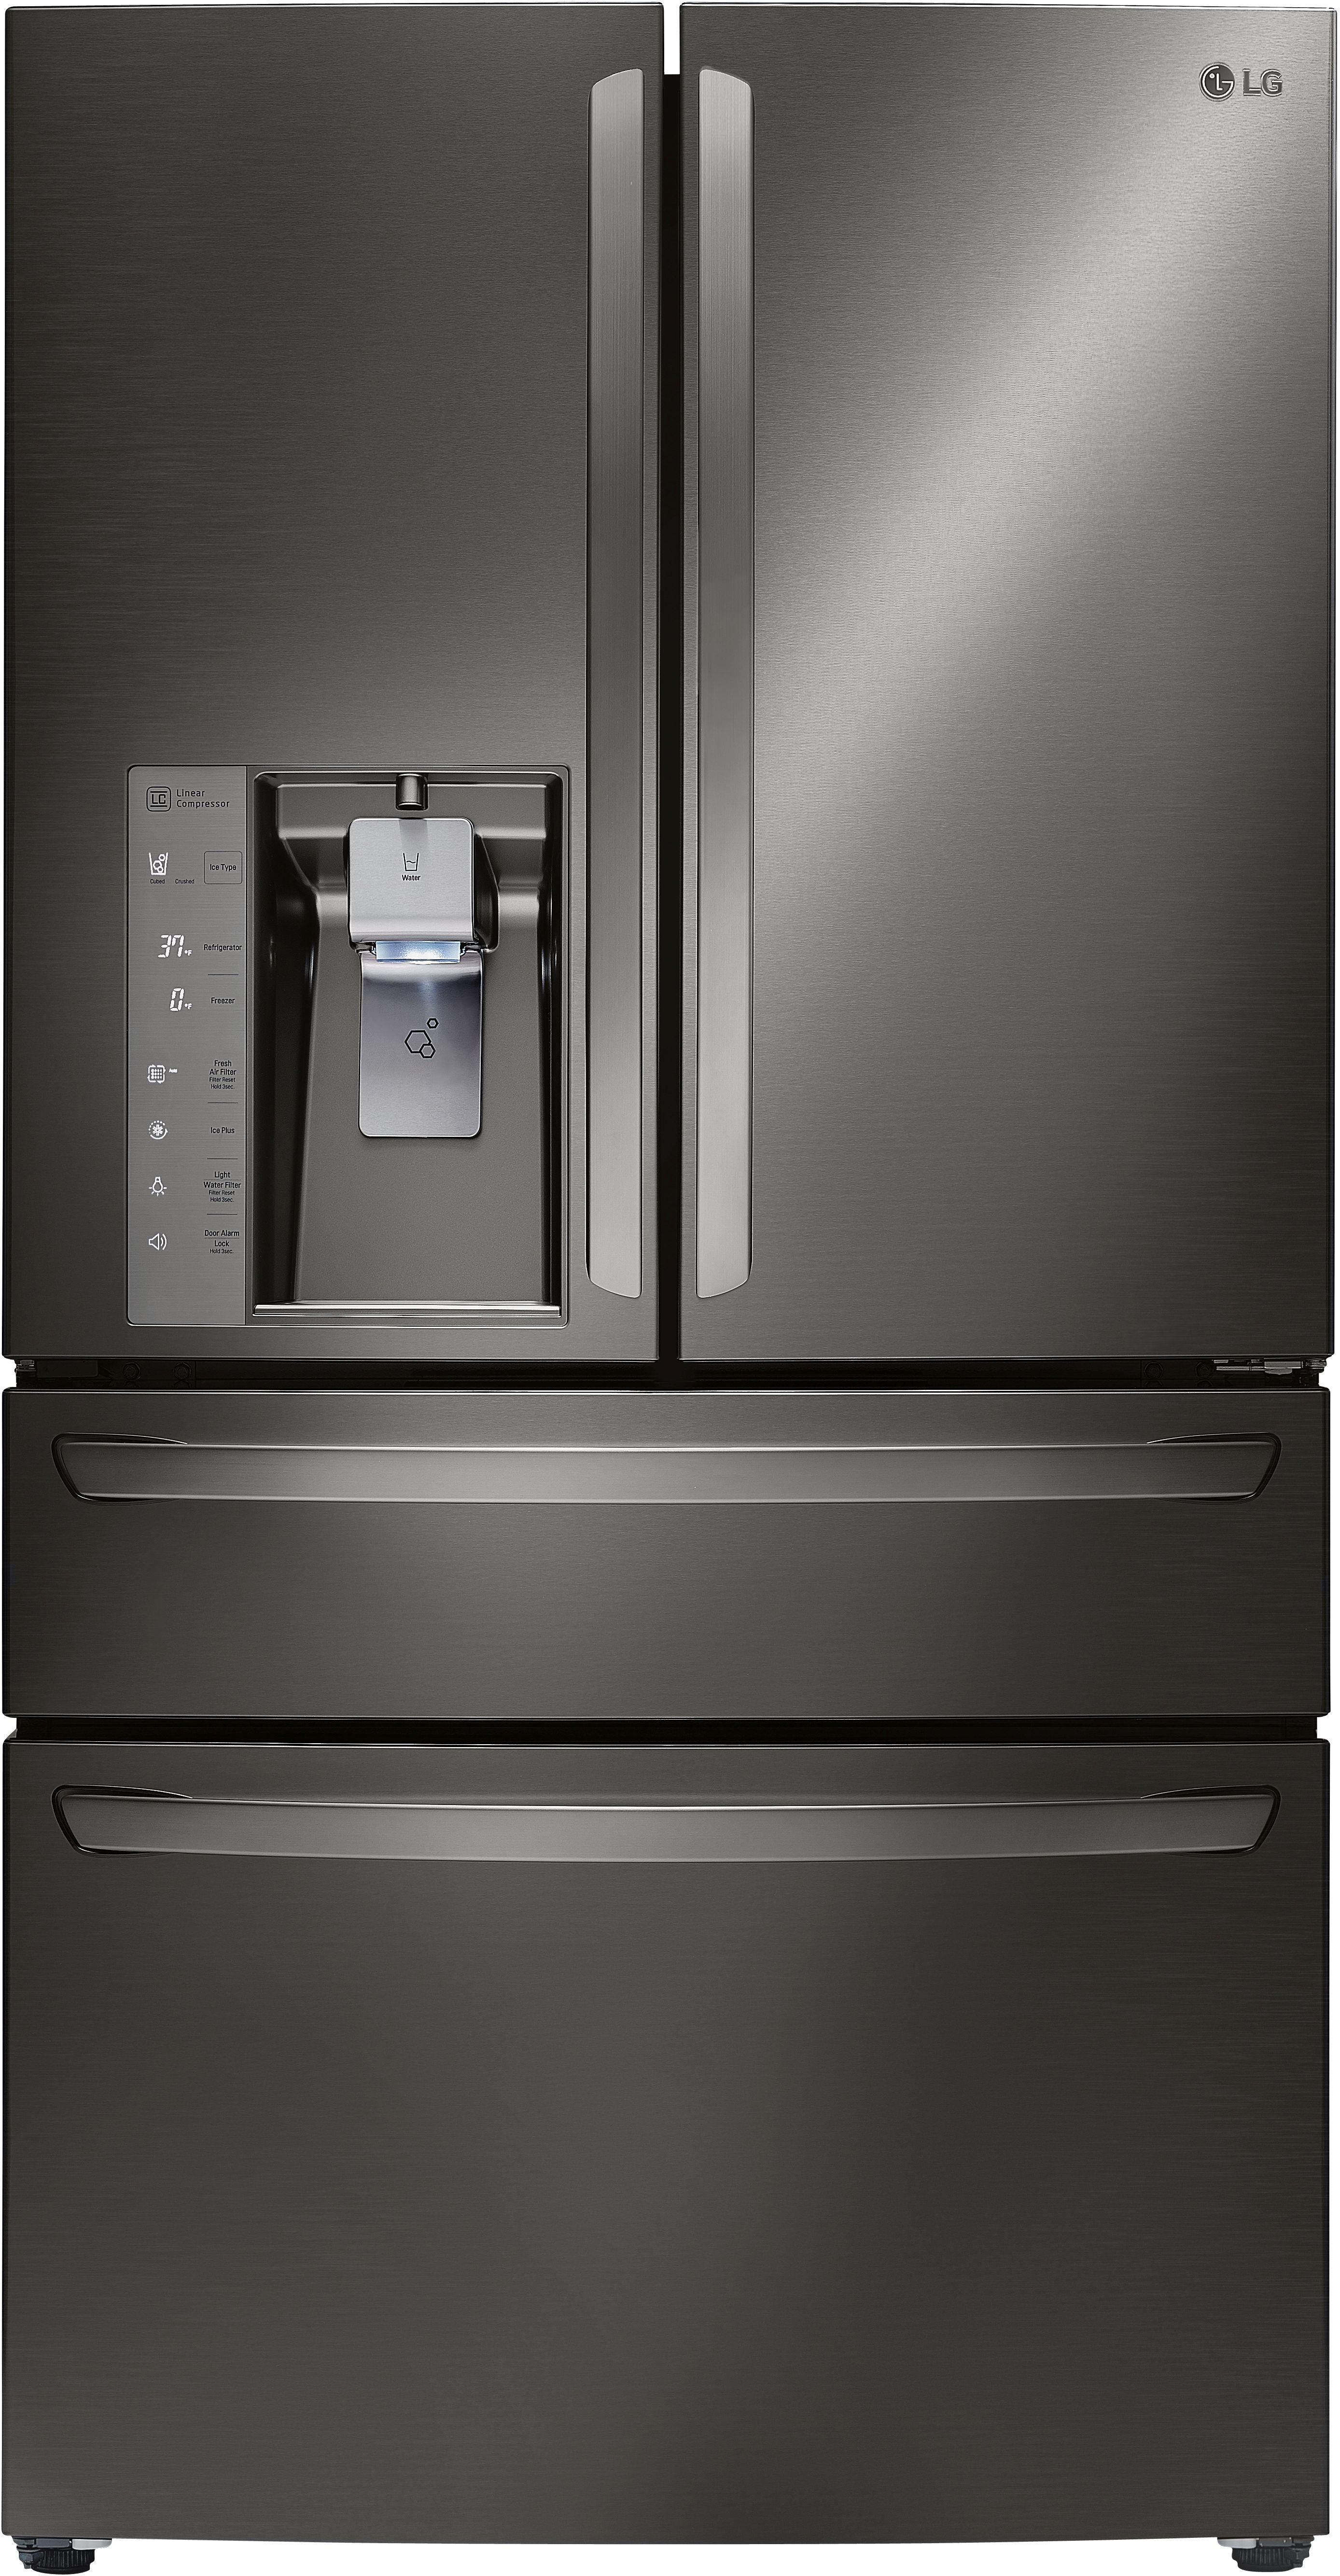 LG 23 Cu. Ft. 4 Door French Door Refrigerator Black Stainless Steel